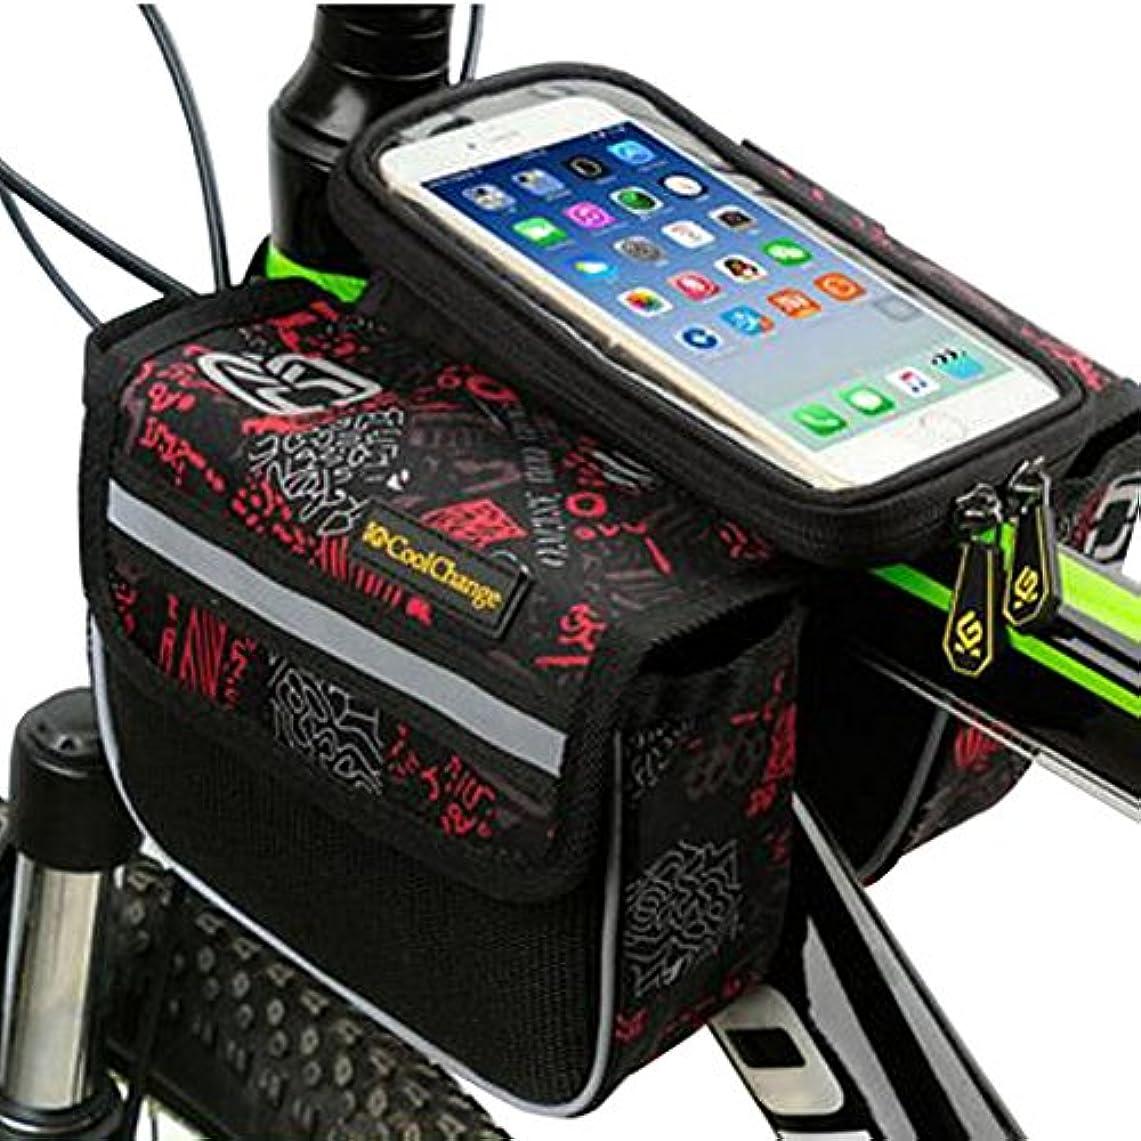 ボット技術的な測るサイクリングパニエサドルバッグフレームバイクバッグバイクハンドルバーバッグ-A1